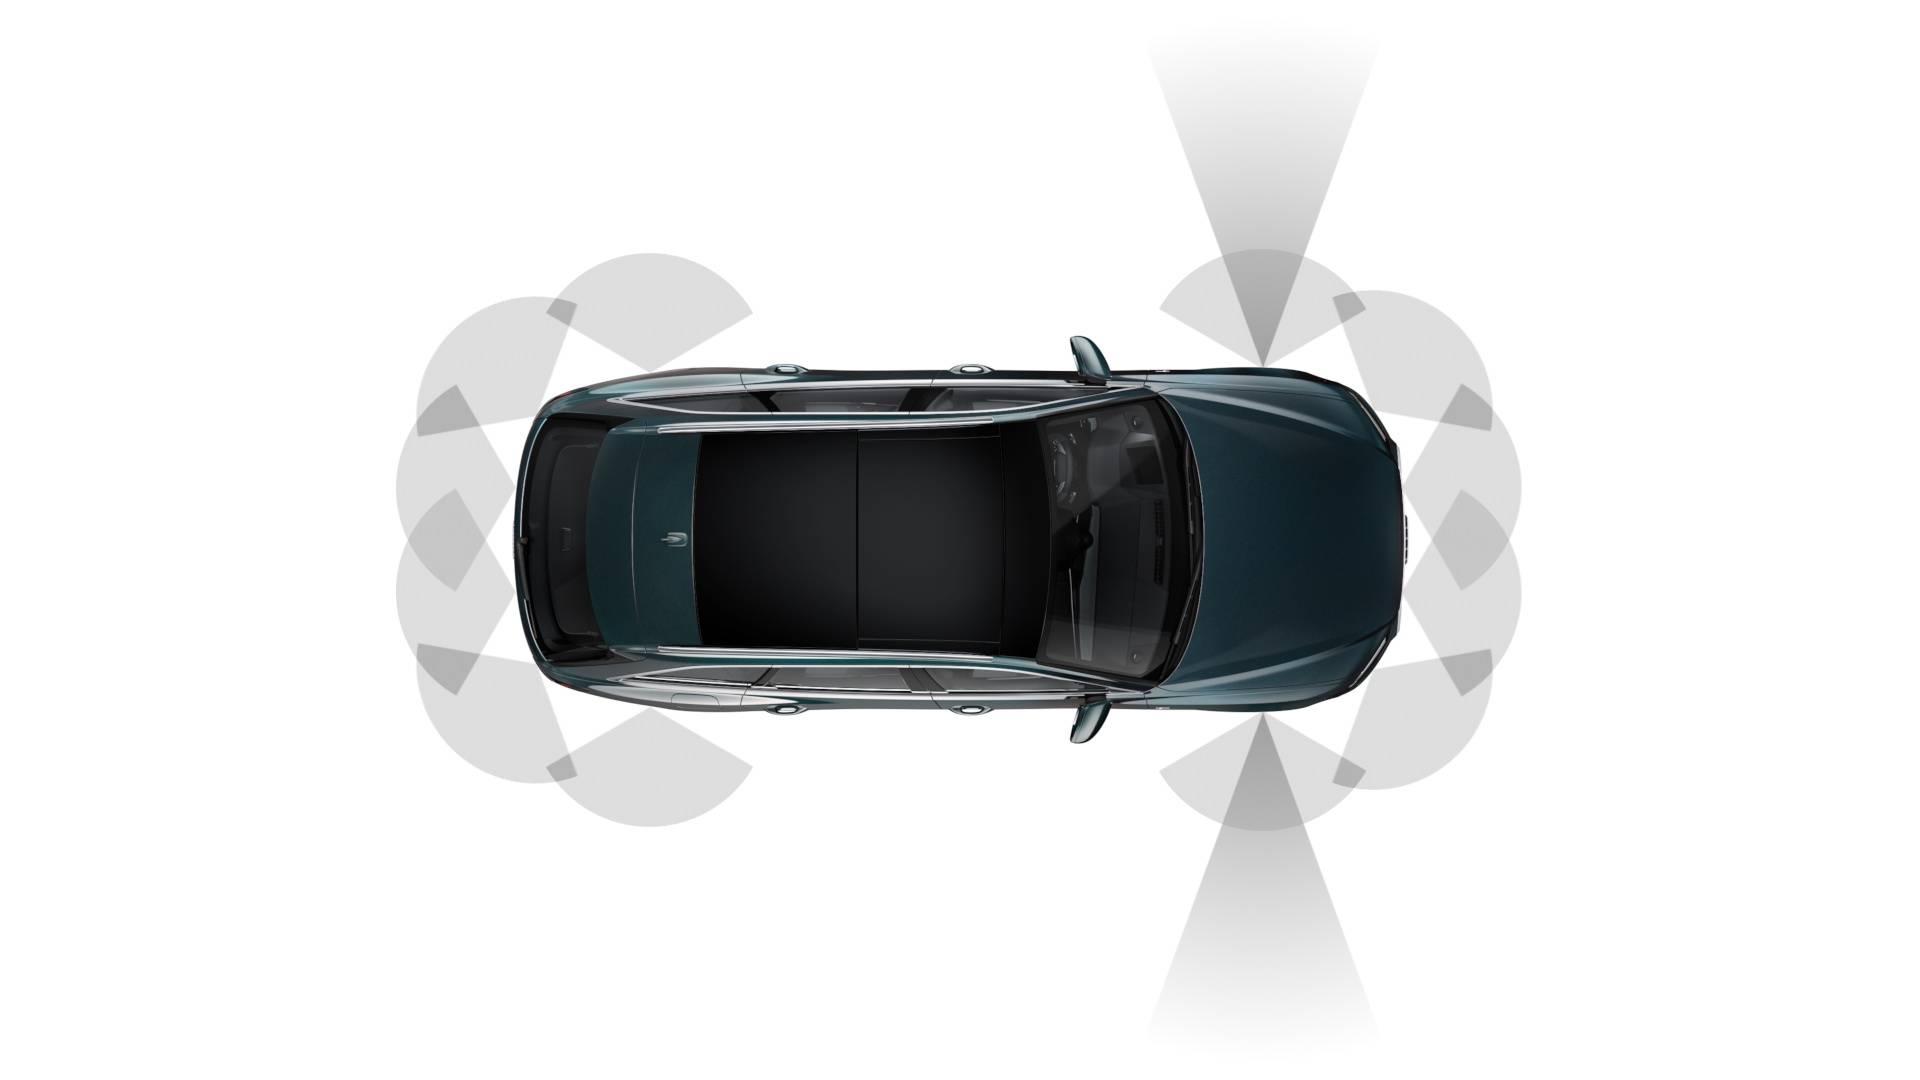 Nouvelle Audi A6 allroad quattro 2020 assistance